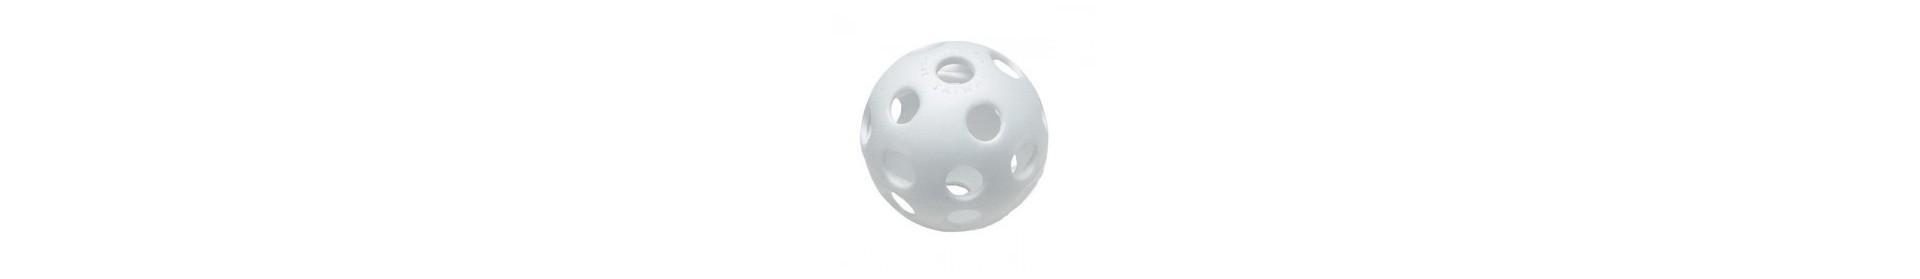 Balles - Le Vestiaire